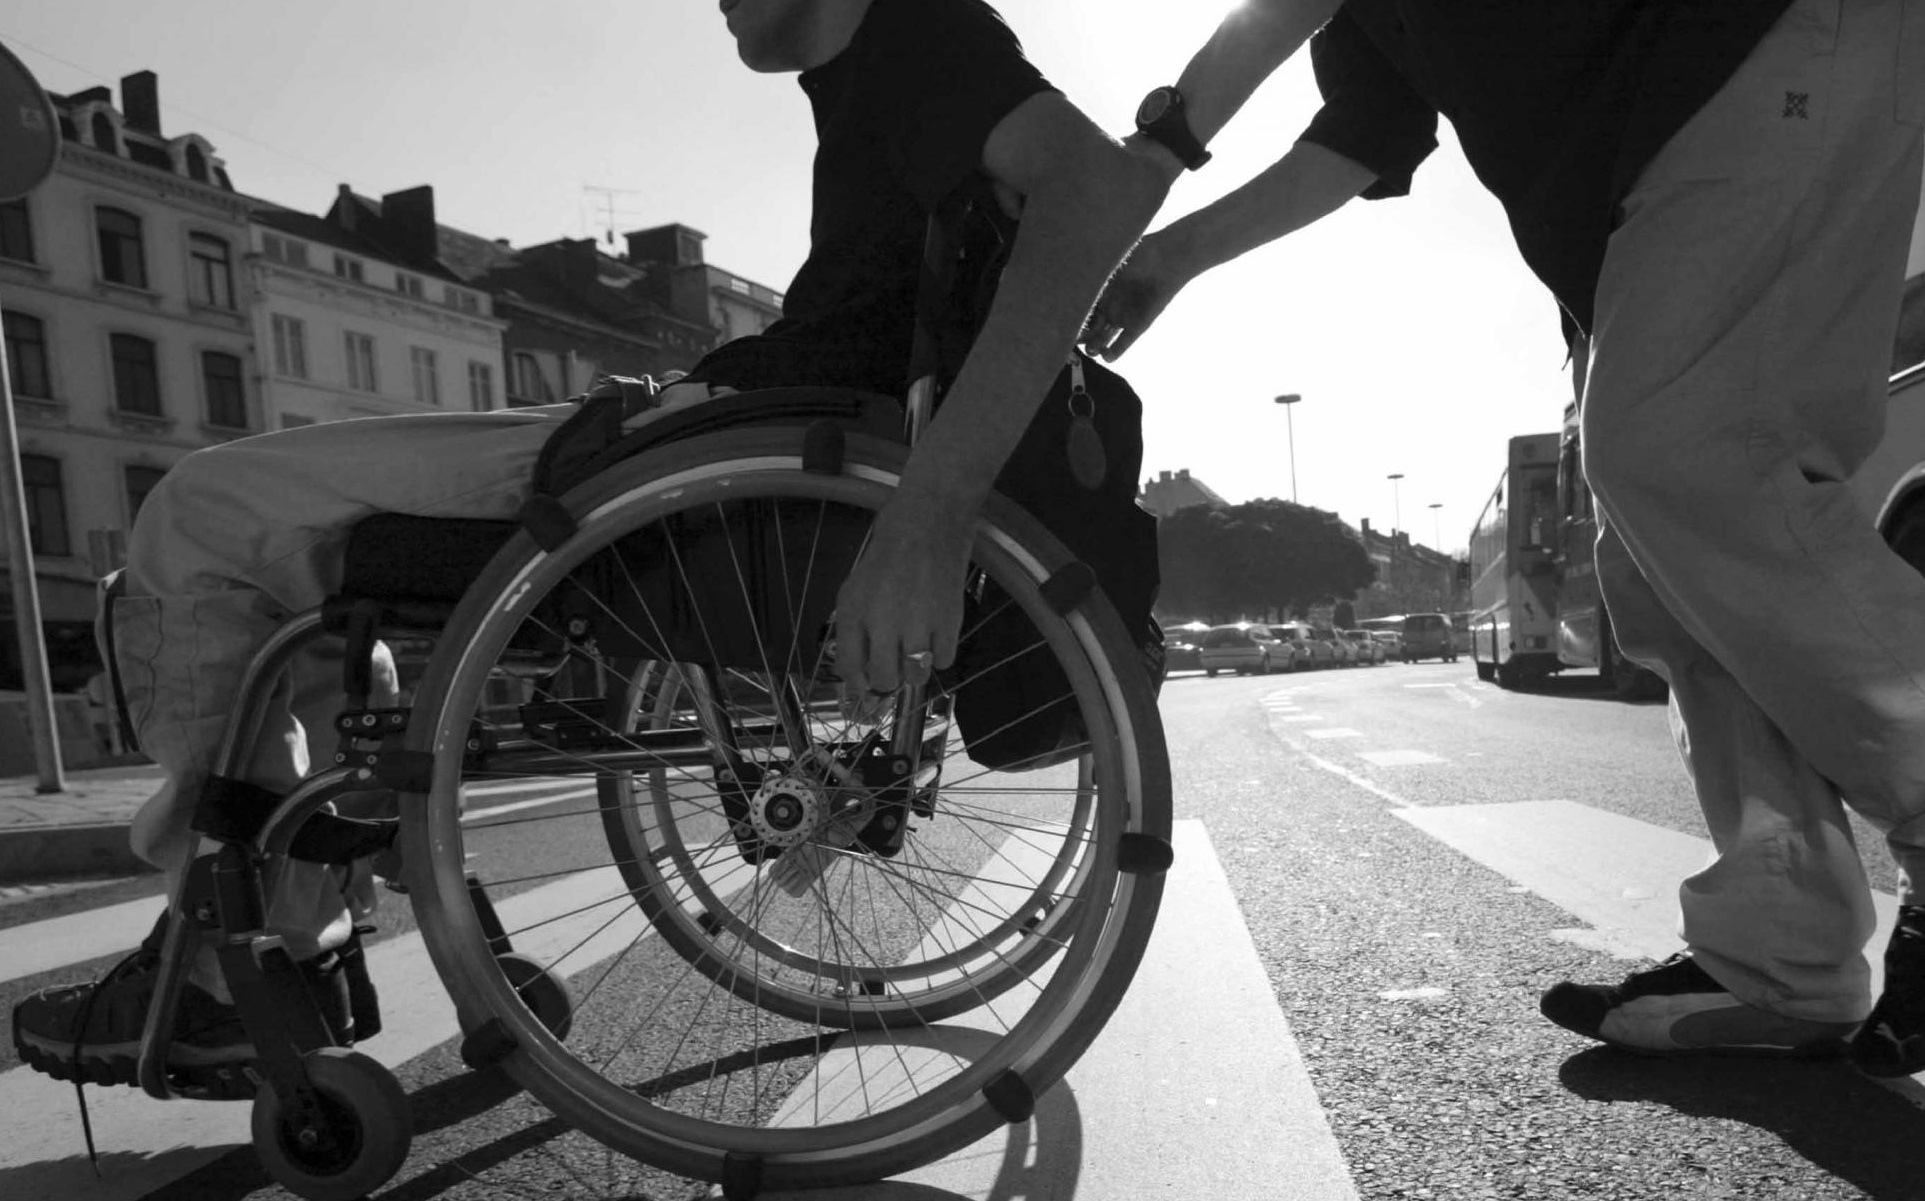 Sale Blu Ferrovie : Disabilità o mobilità ridotta attivato il servizio di assistenza